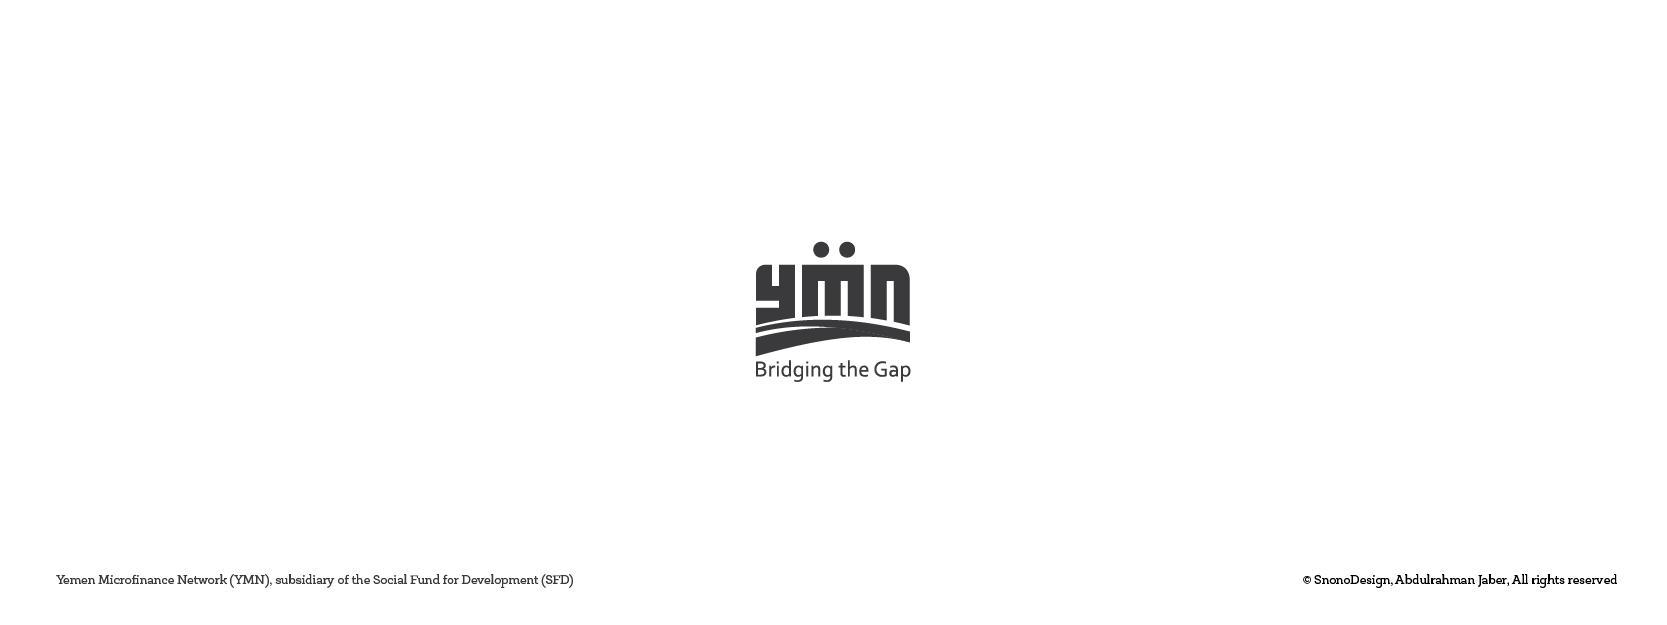 Logos 2002 - 2016 -2-12.png